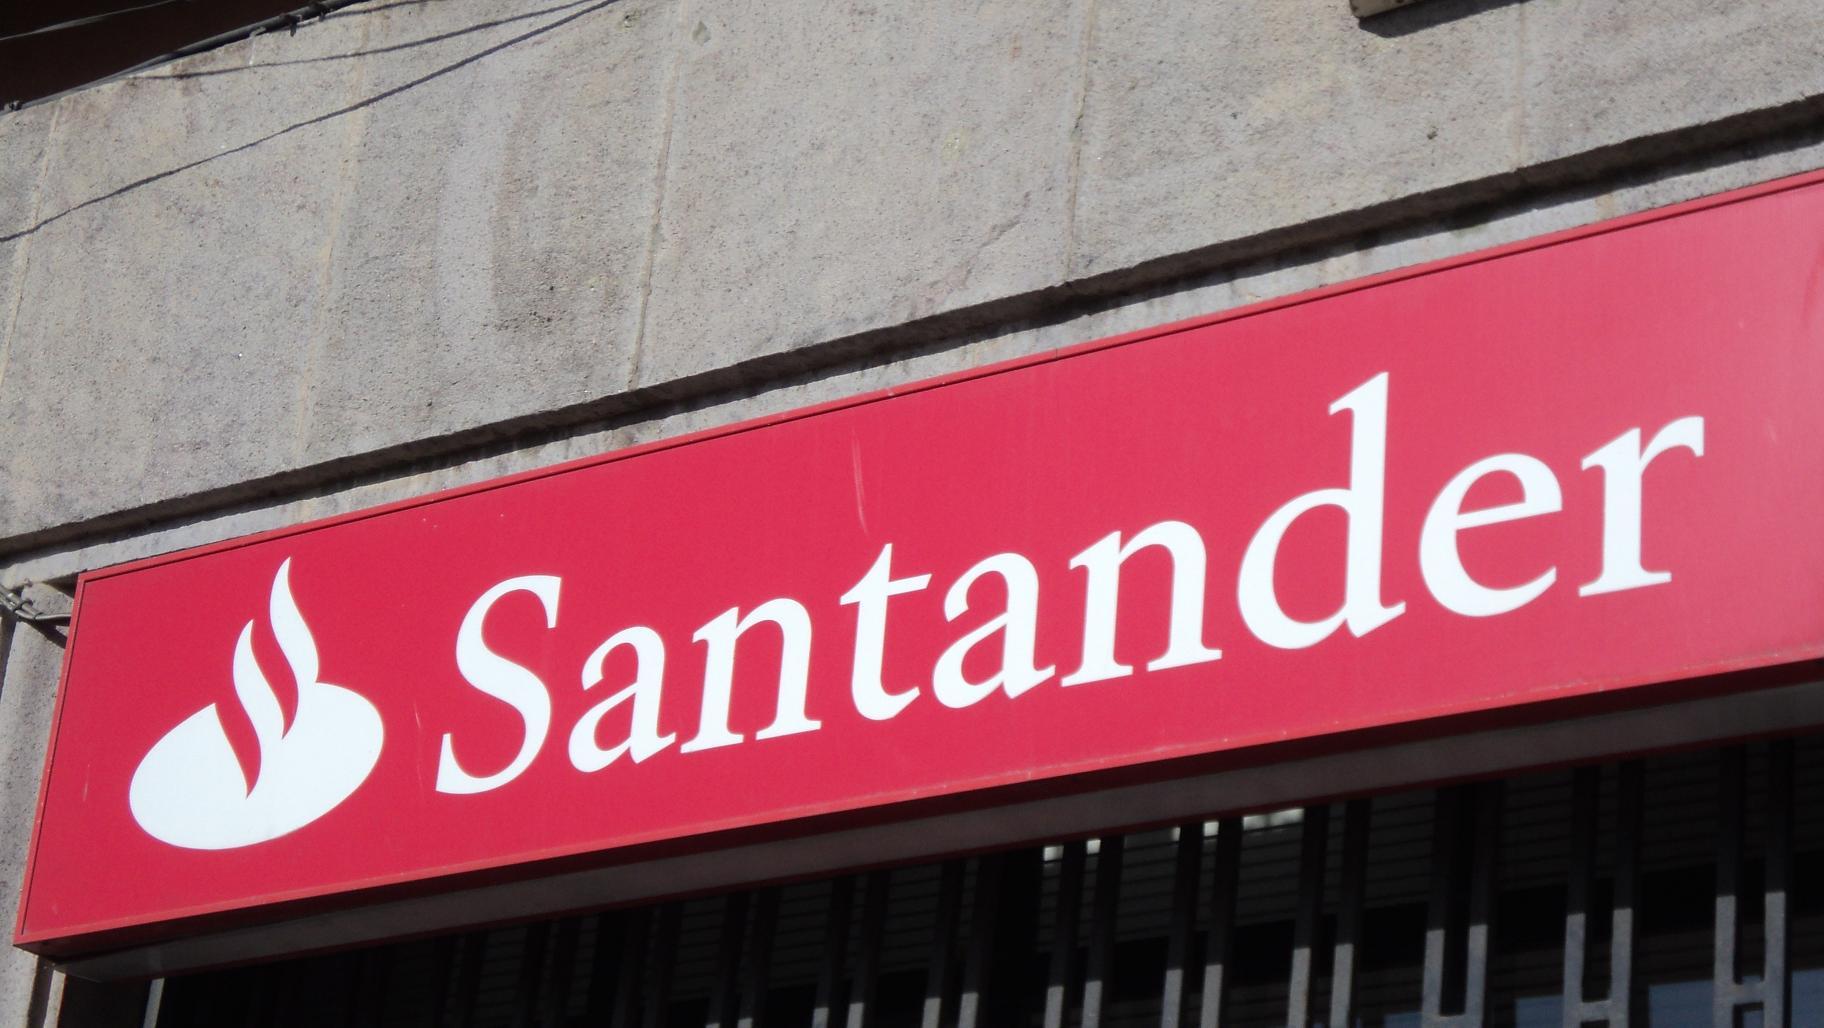 Comisiones bancarias en los cajeros el alminar de melilla for Cajeros banco santander para ingresar dinero